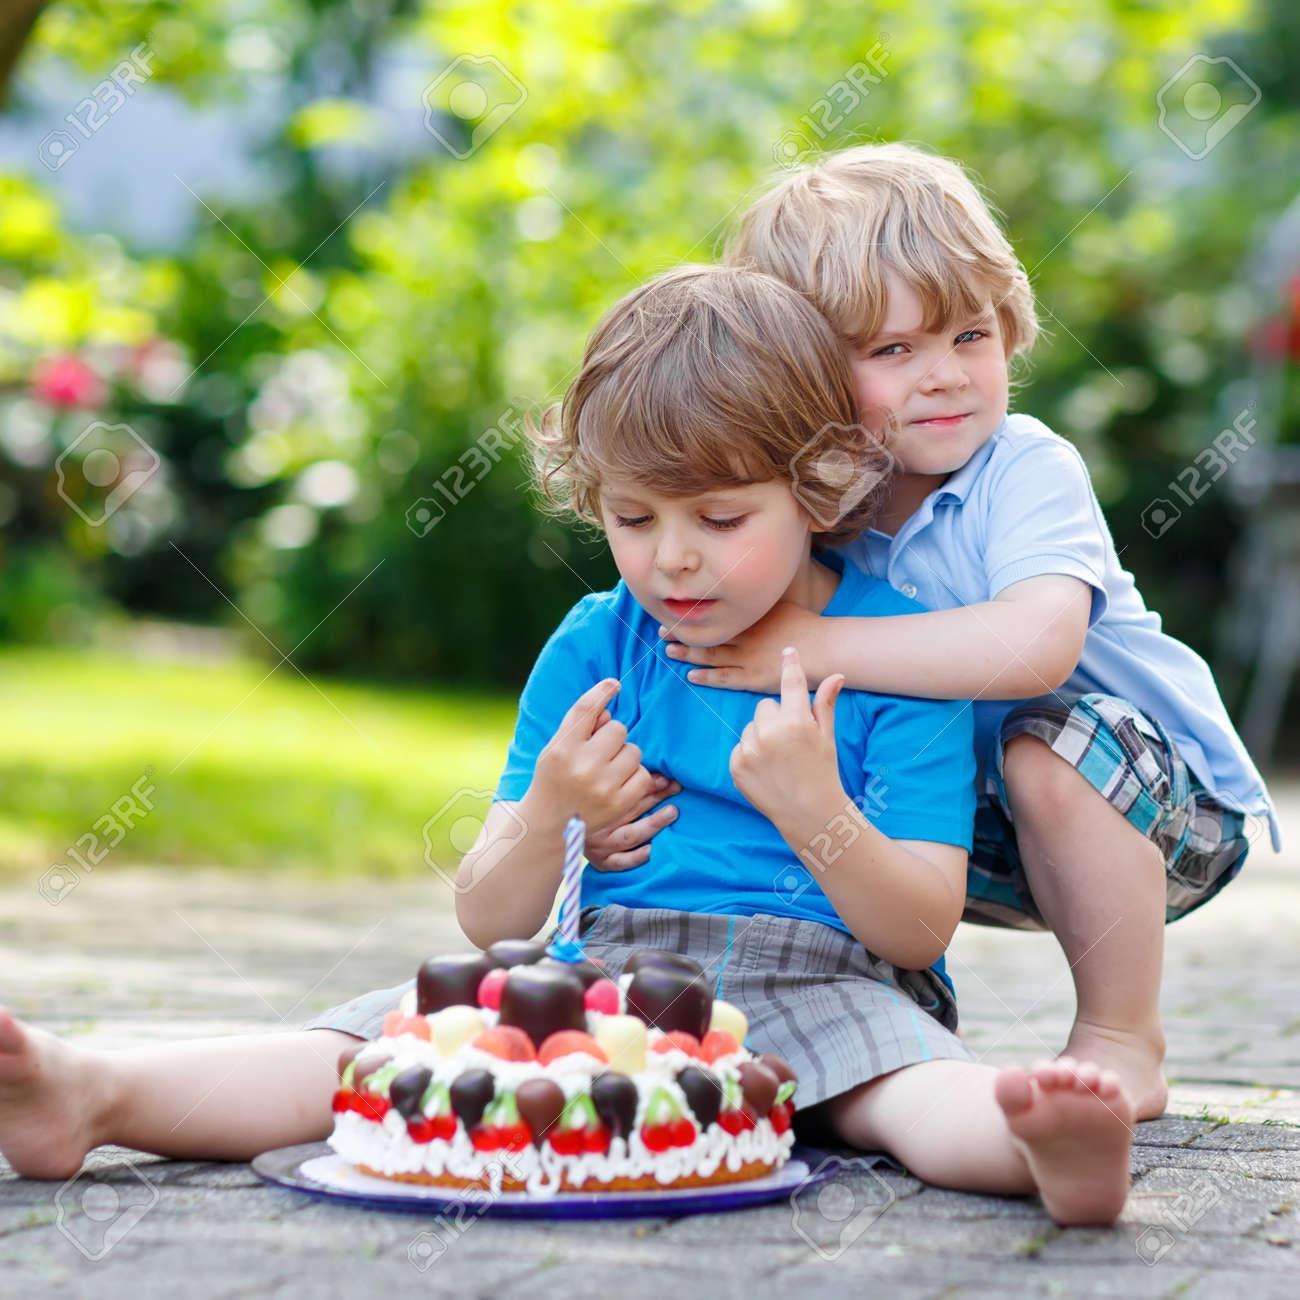 Zwei Kleine Jungen Kind Feiert Geburtstag In Das Haus Garten Mit